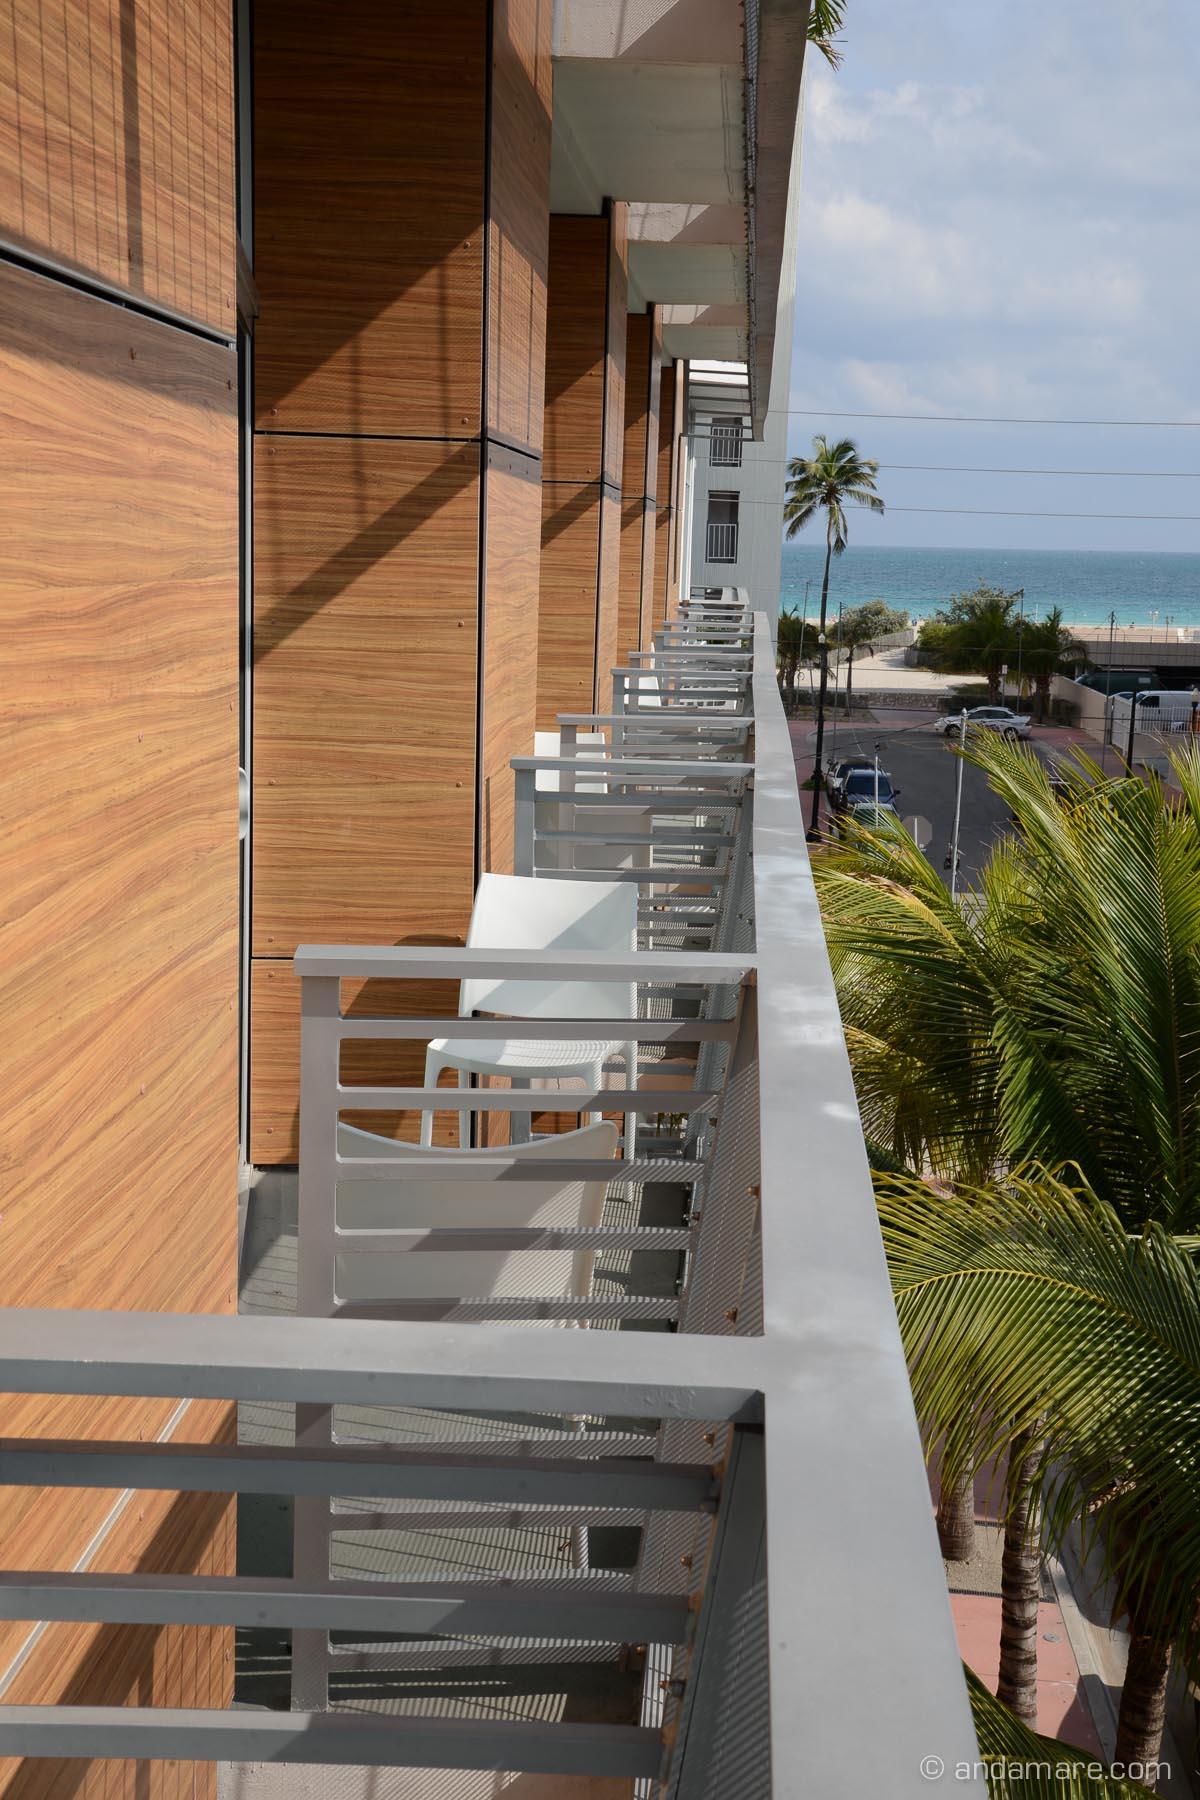 Miami_SenseBeachHouse-USA_DSC_5254_01096_ANI_01_2013